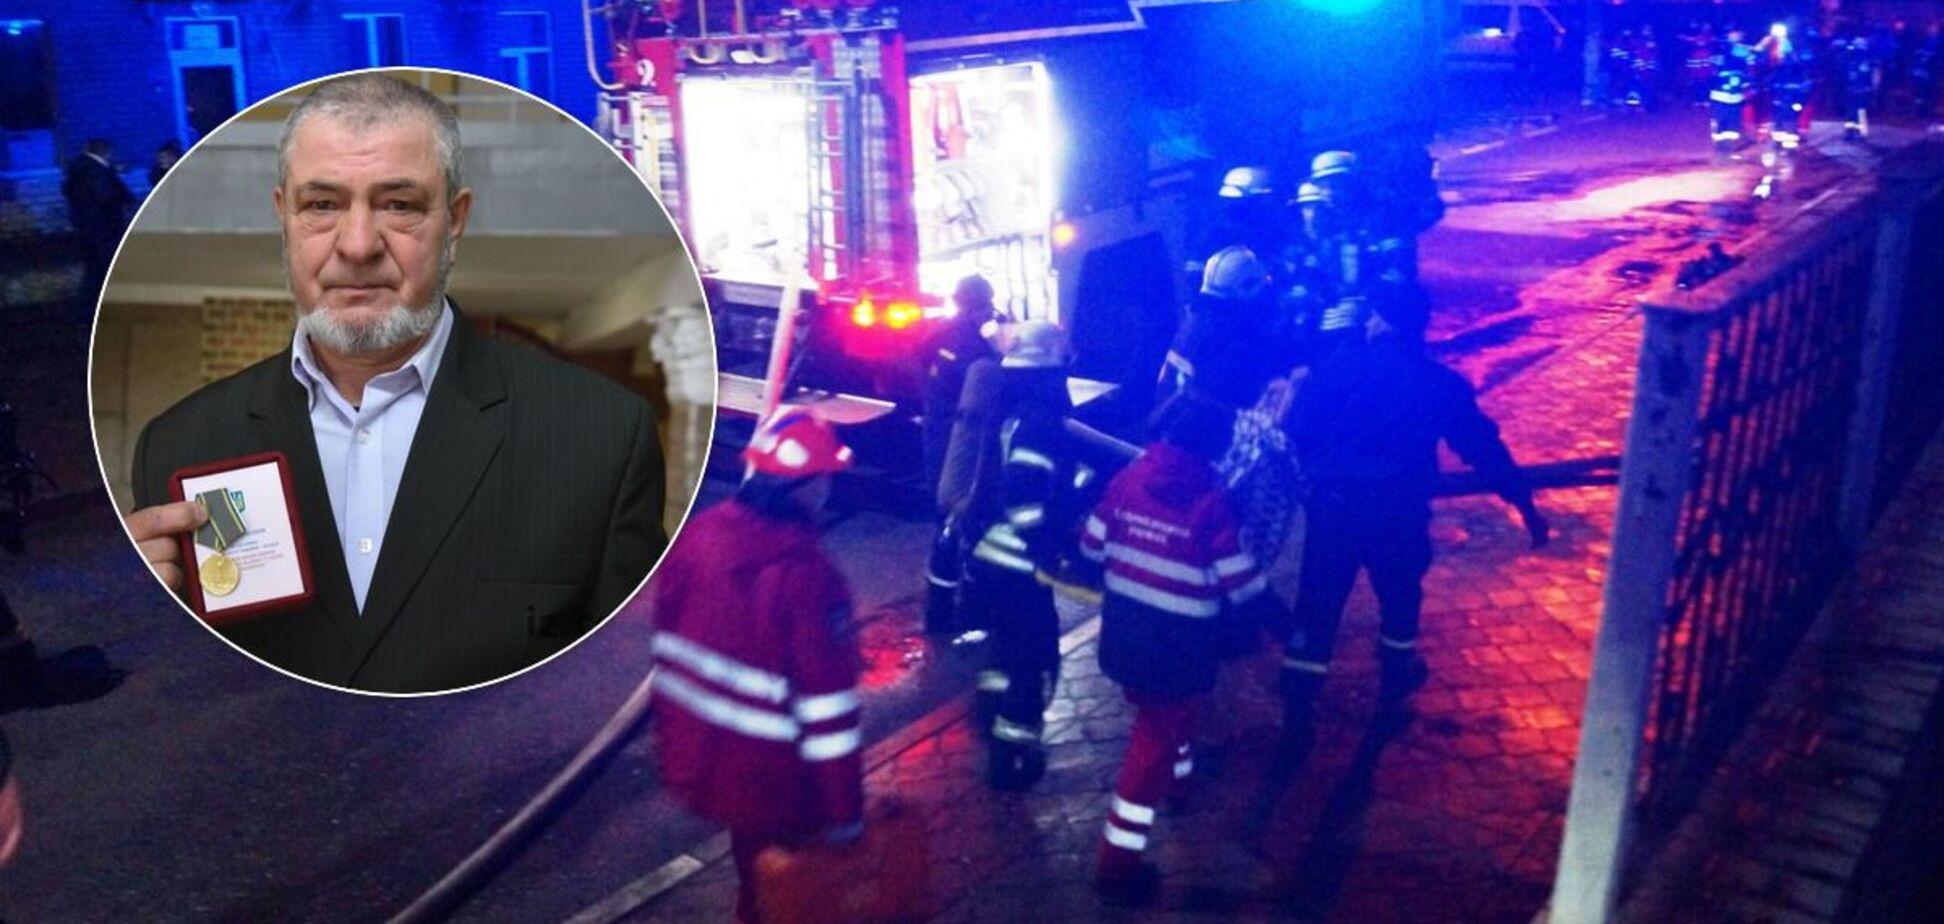 На пожежі в Запоріжжі загинув ветеран МВС: його помилково не вказали в списку. Фото